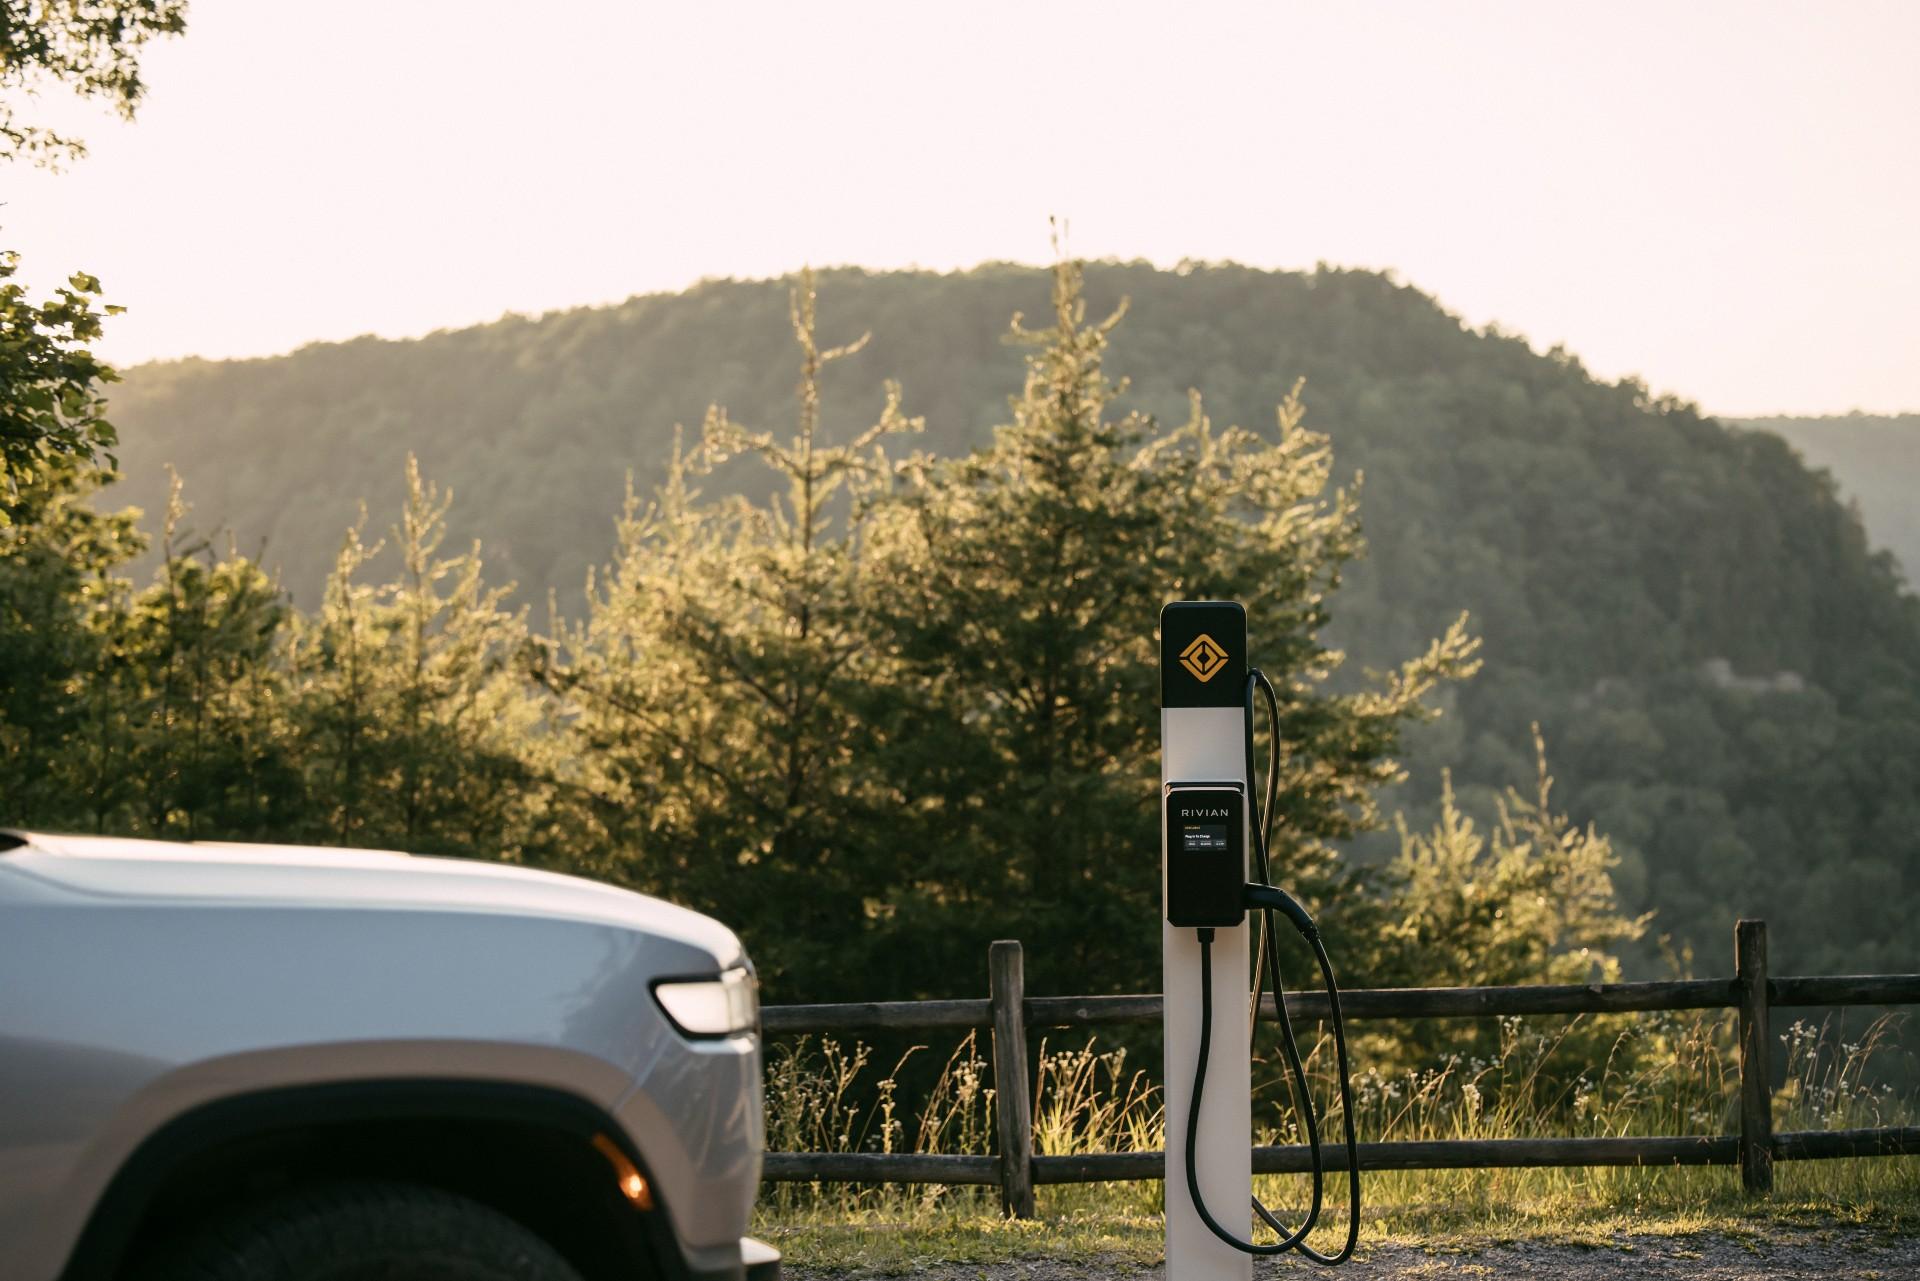 Rivian сотрудничает с парками штата Теннесси в создании зарядных станций для электромобилей